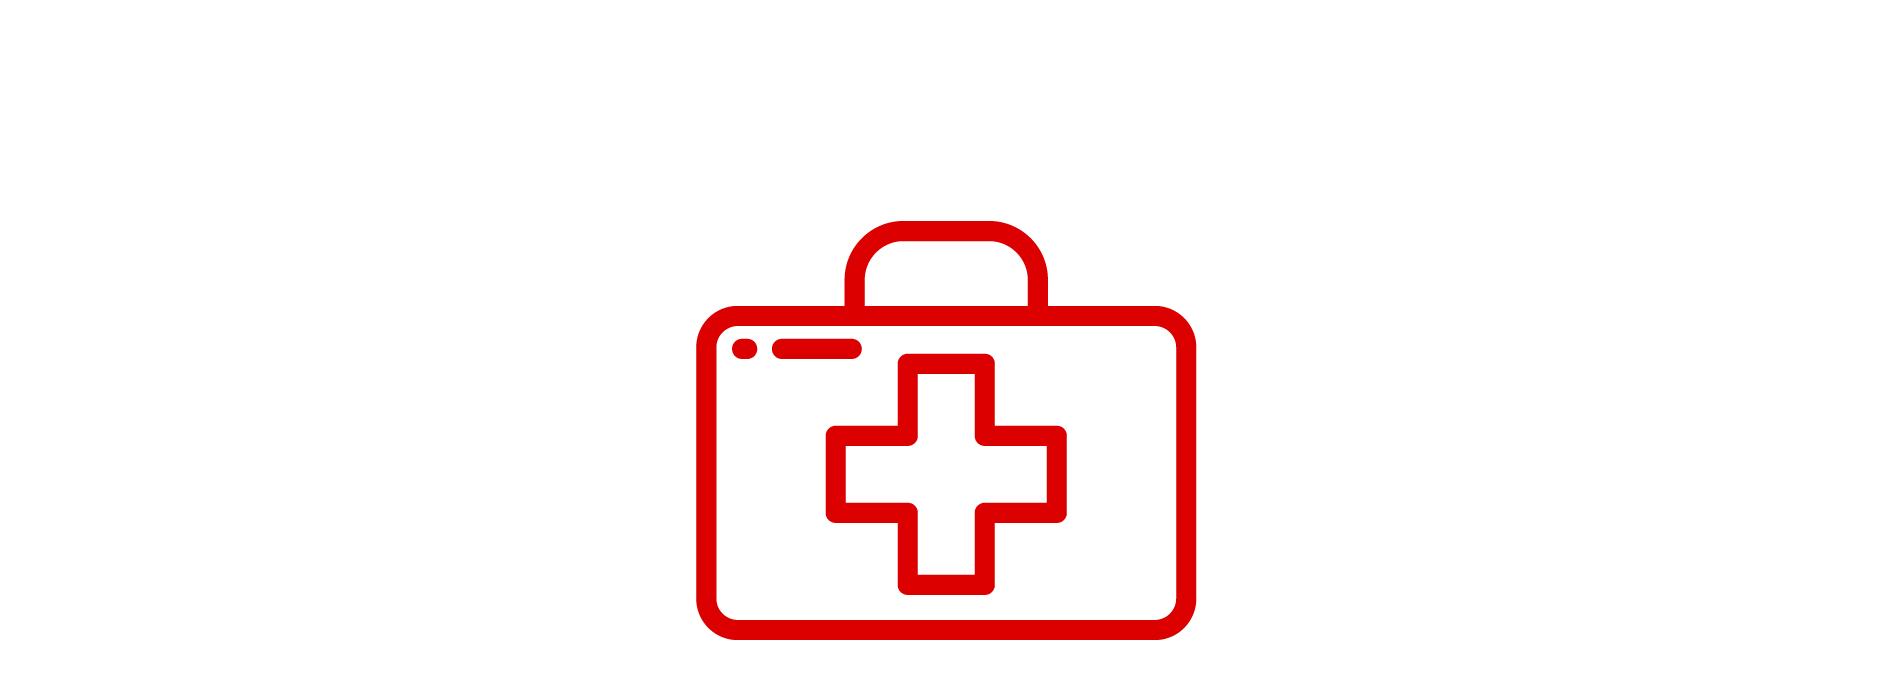 71,600 - Patient Visits